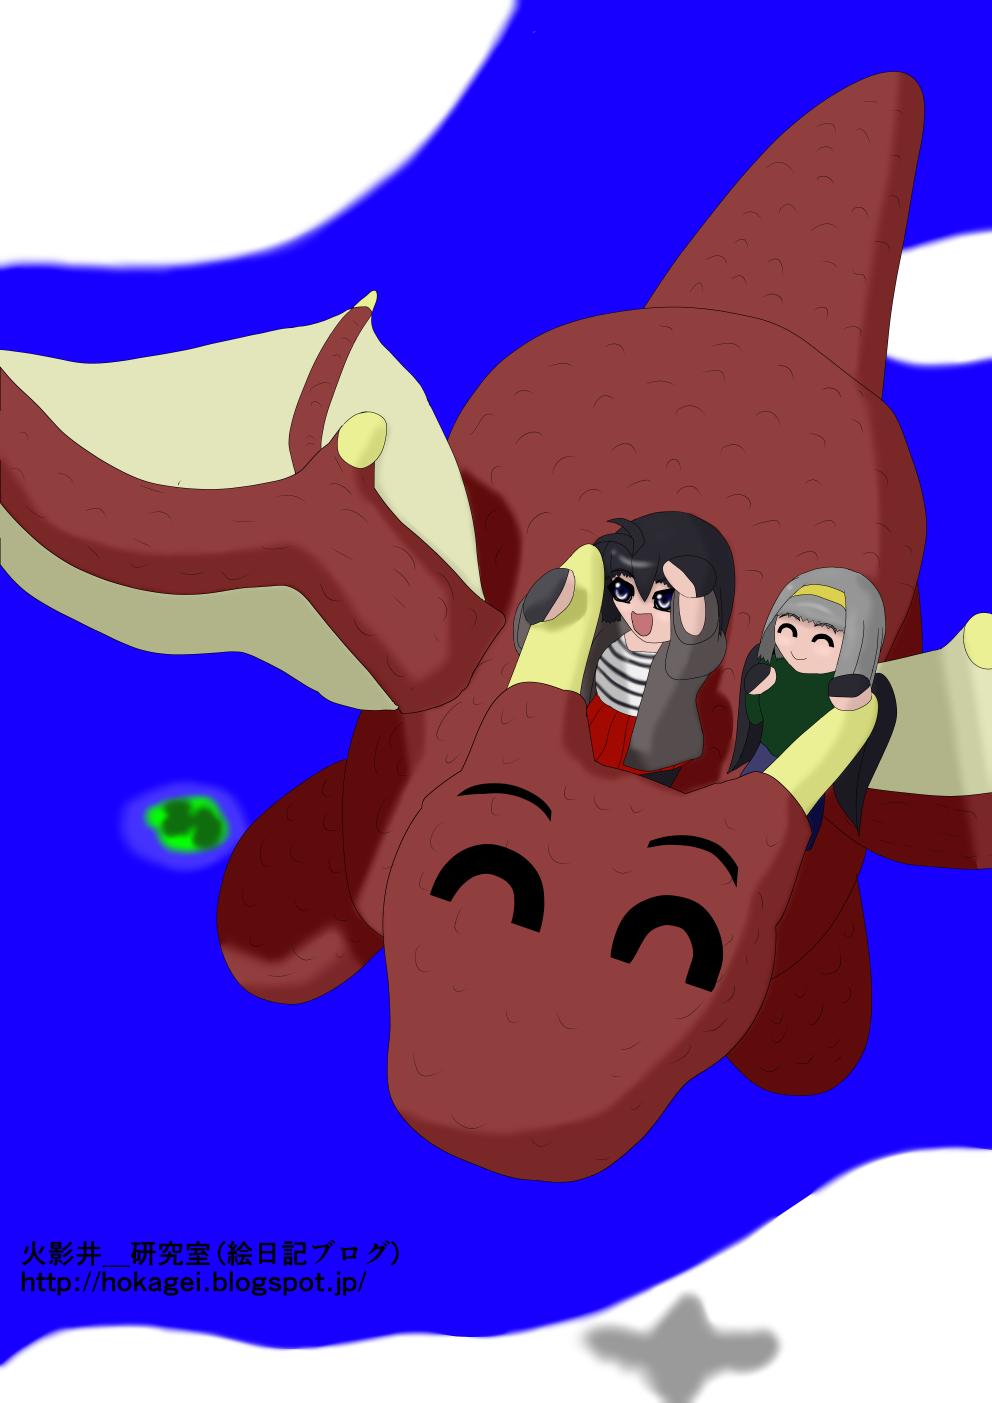 ドラゴンと空の散歩(八雲楓、羽園雫)